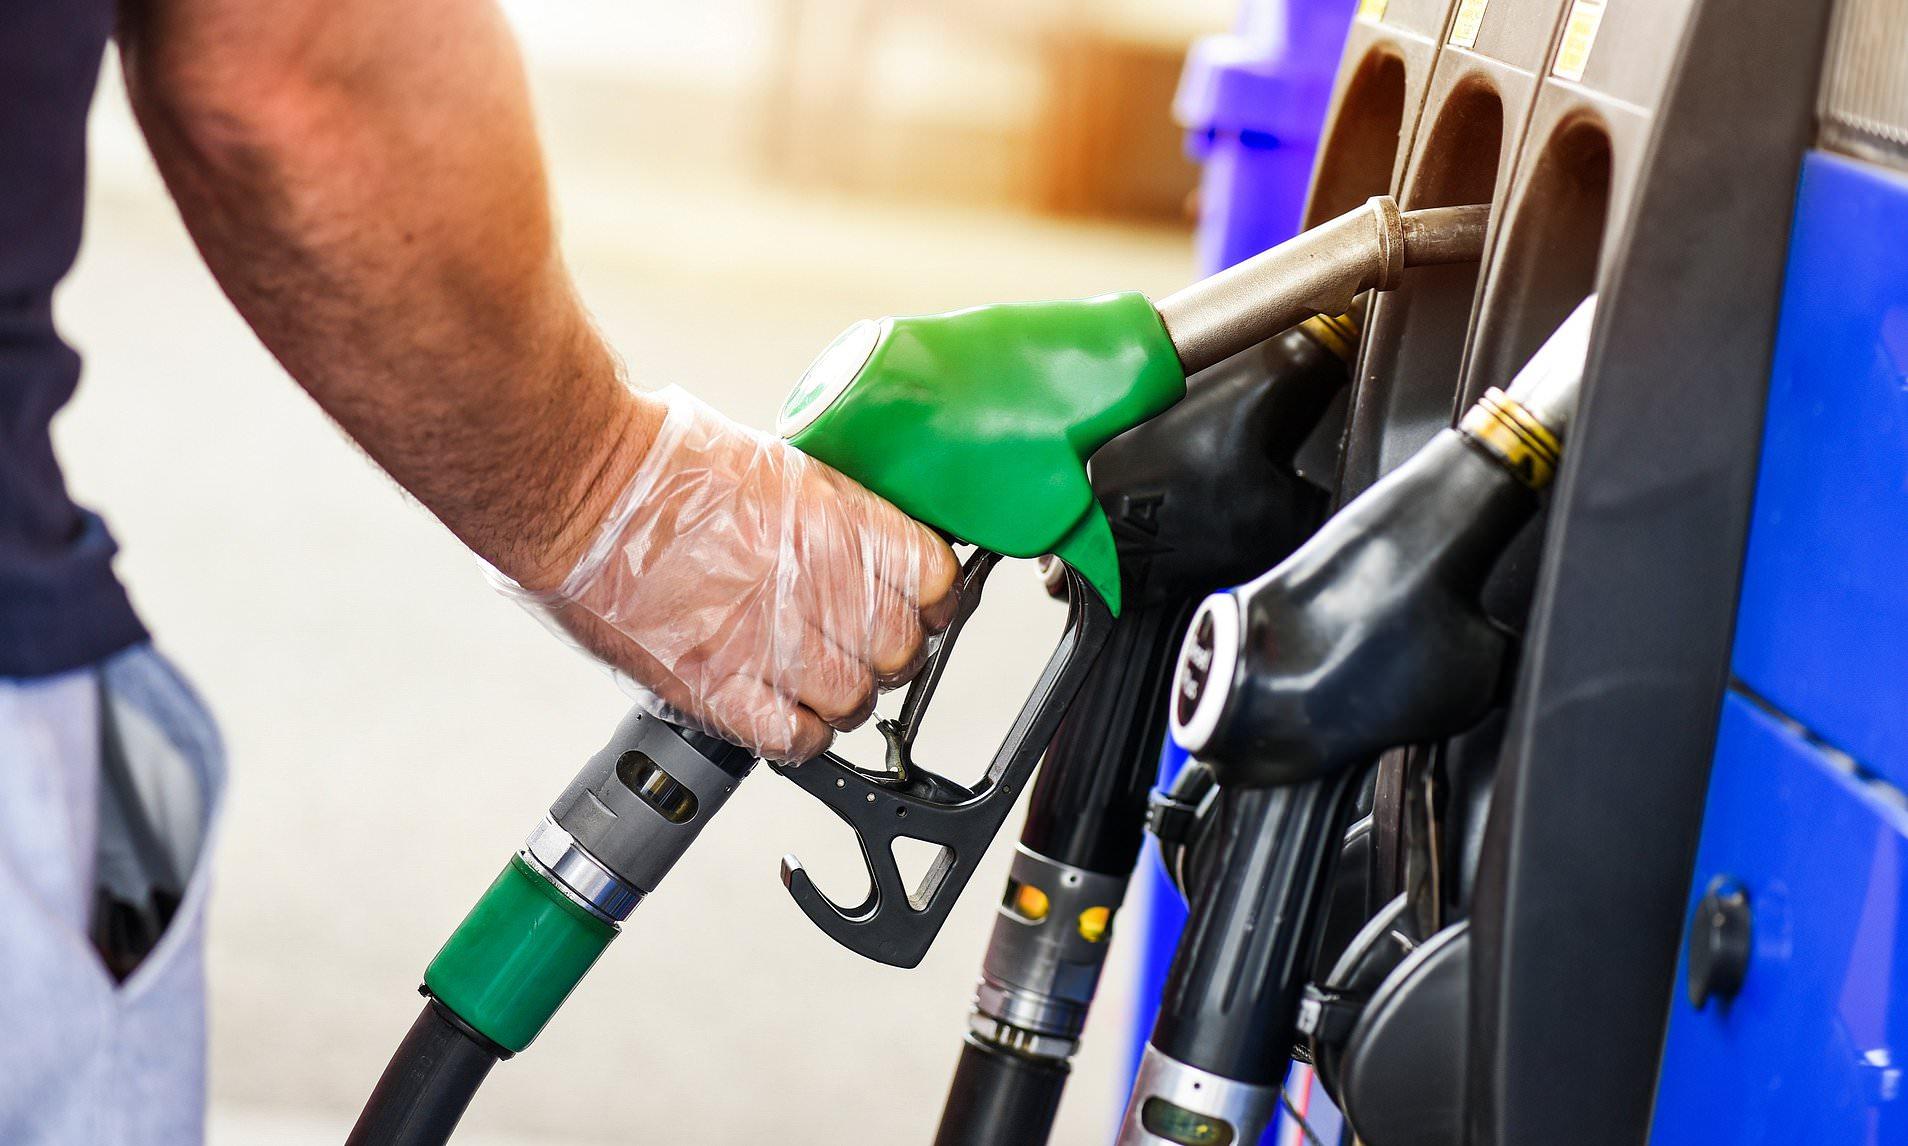 Giá xăng dầu hôm nay 16/7: Dầu WTI giảm hơn 2% trước dự báo nguồn cung tăng